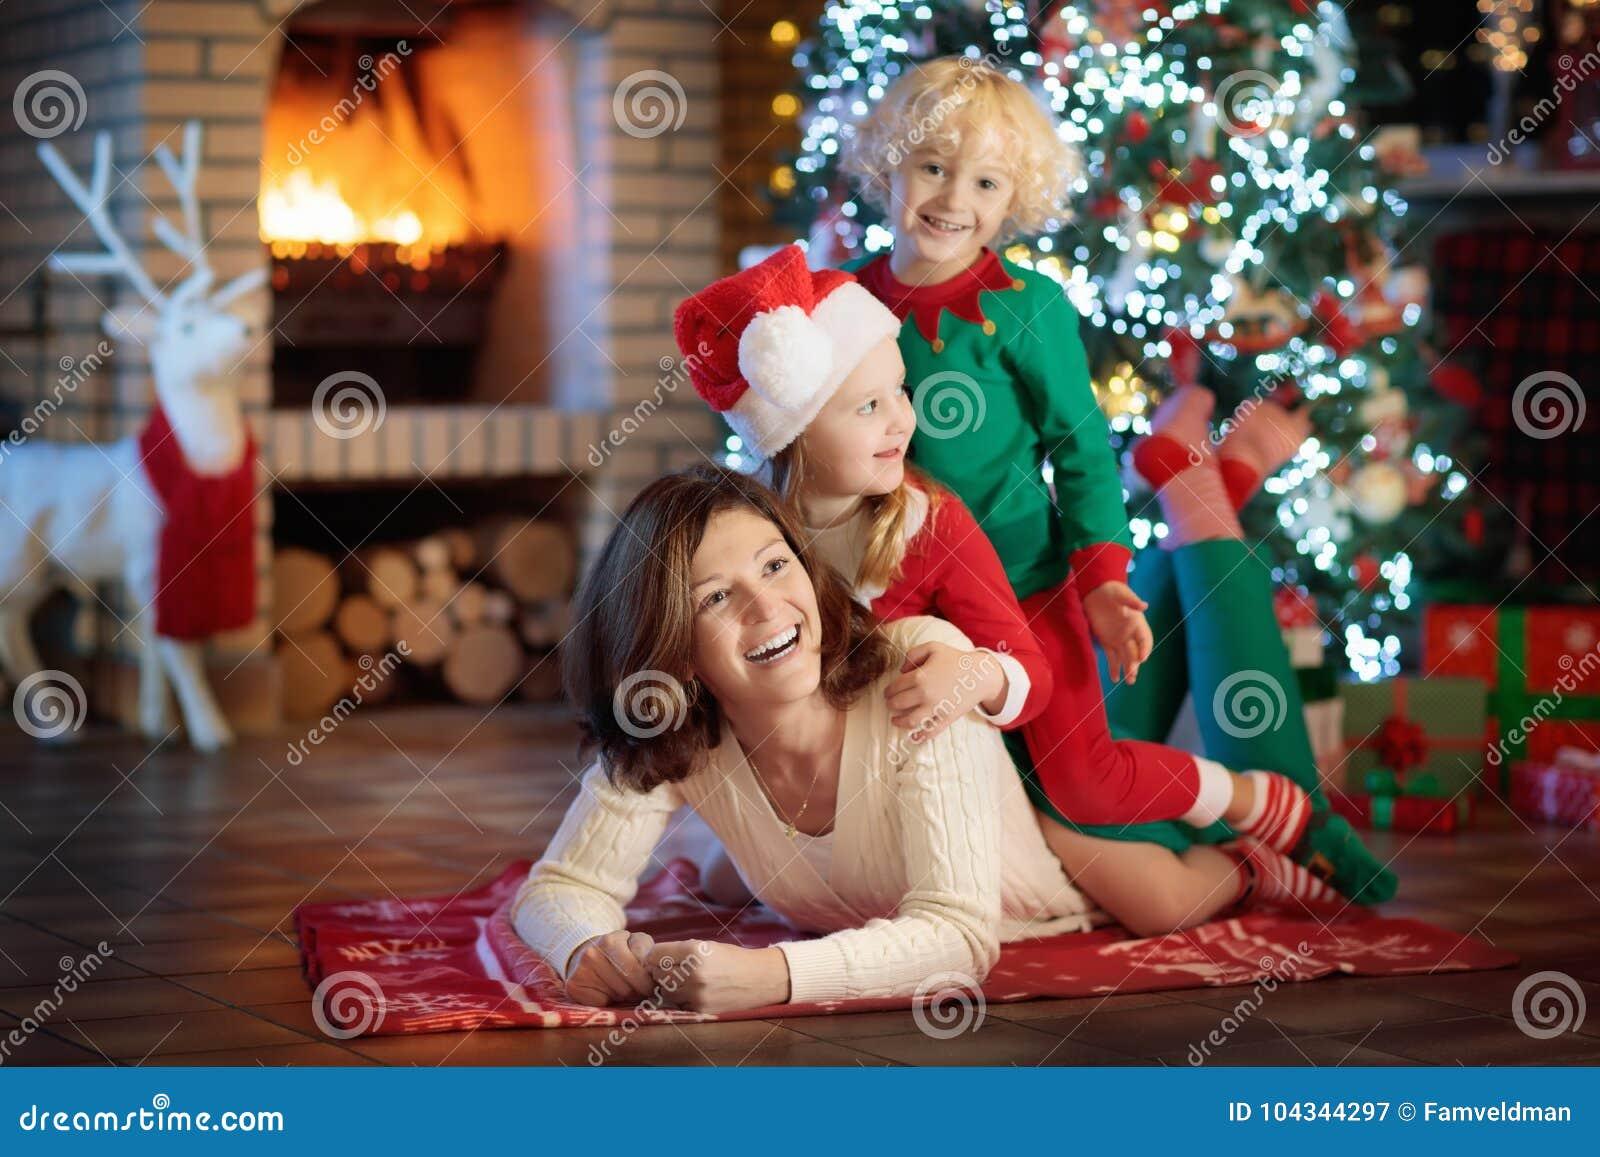 Mom christmas tree gifts